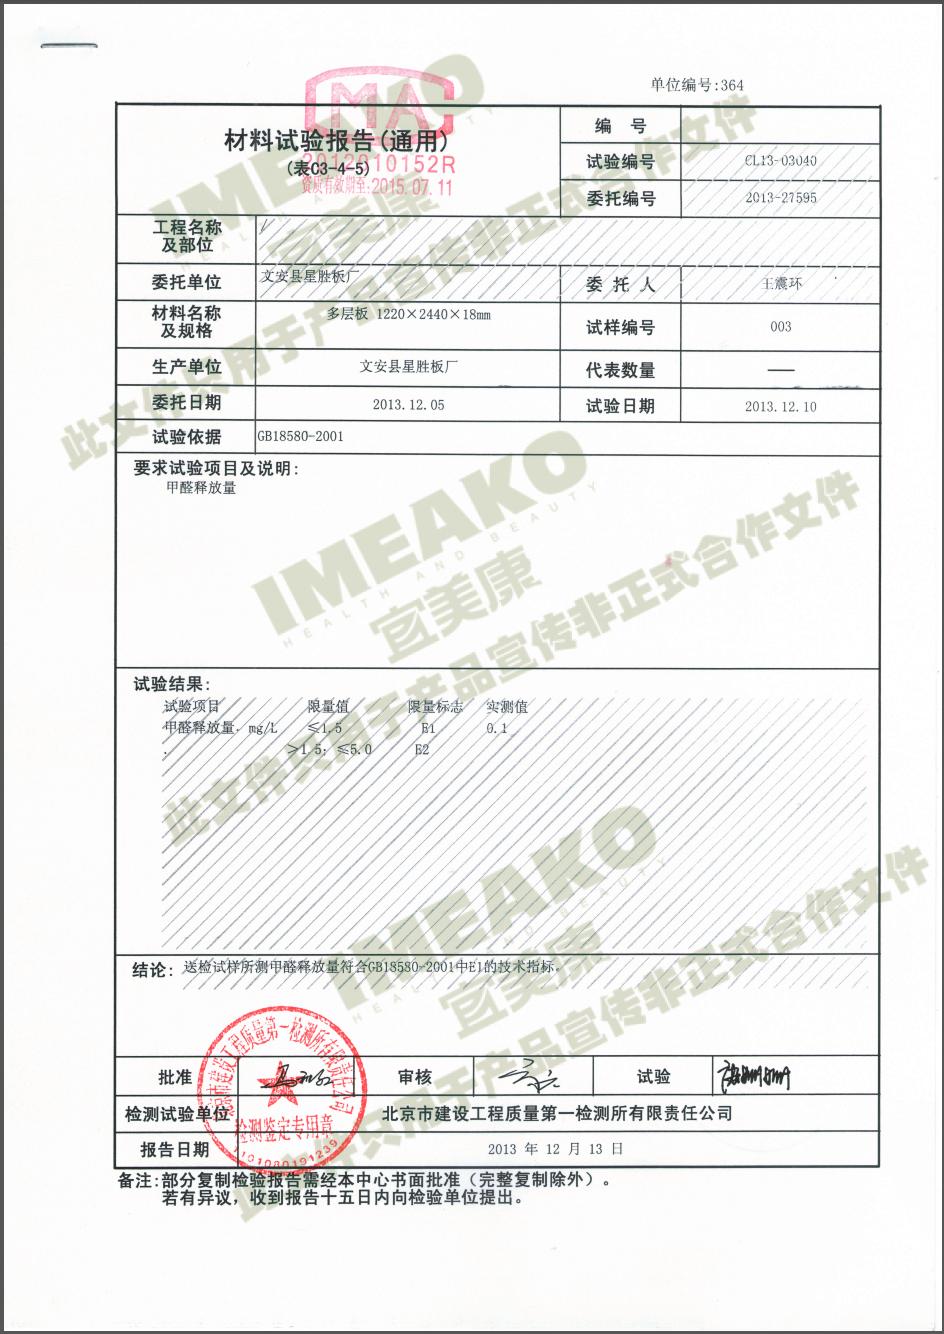 2013-12-13北京建设工程质量第一检测所有限责任公司18MM